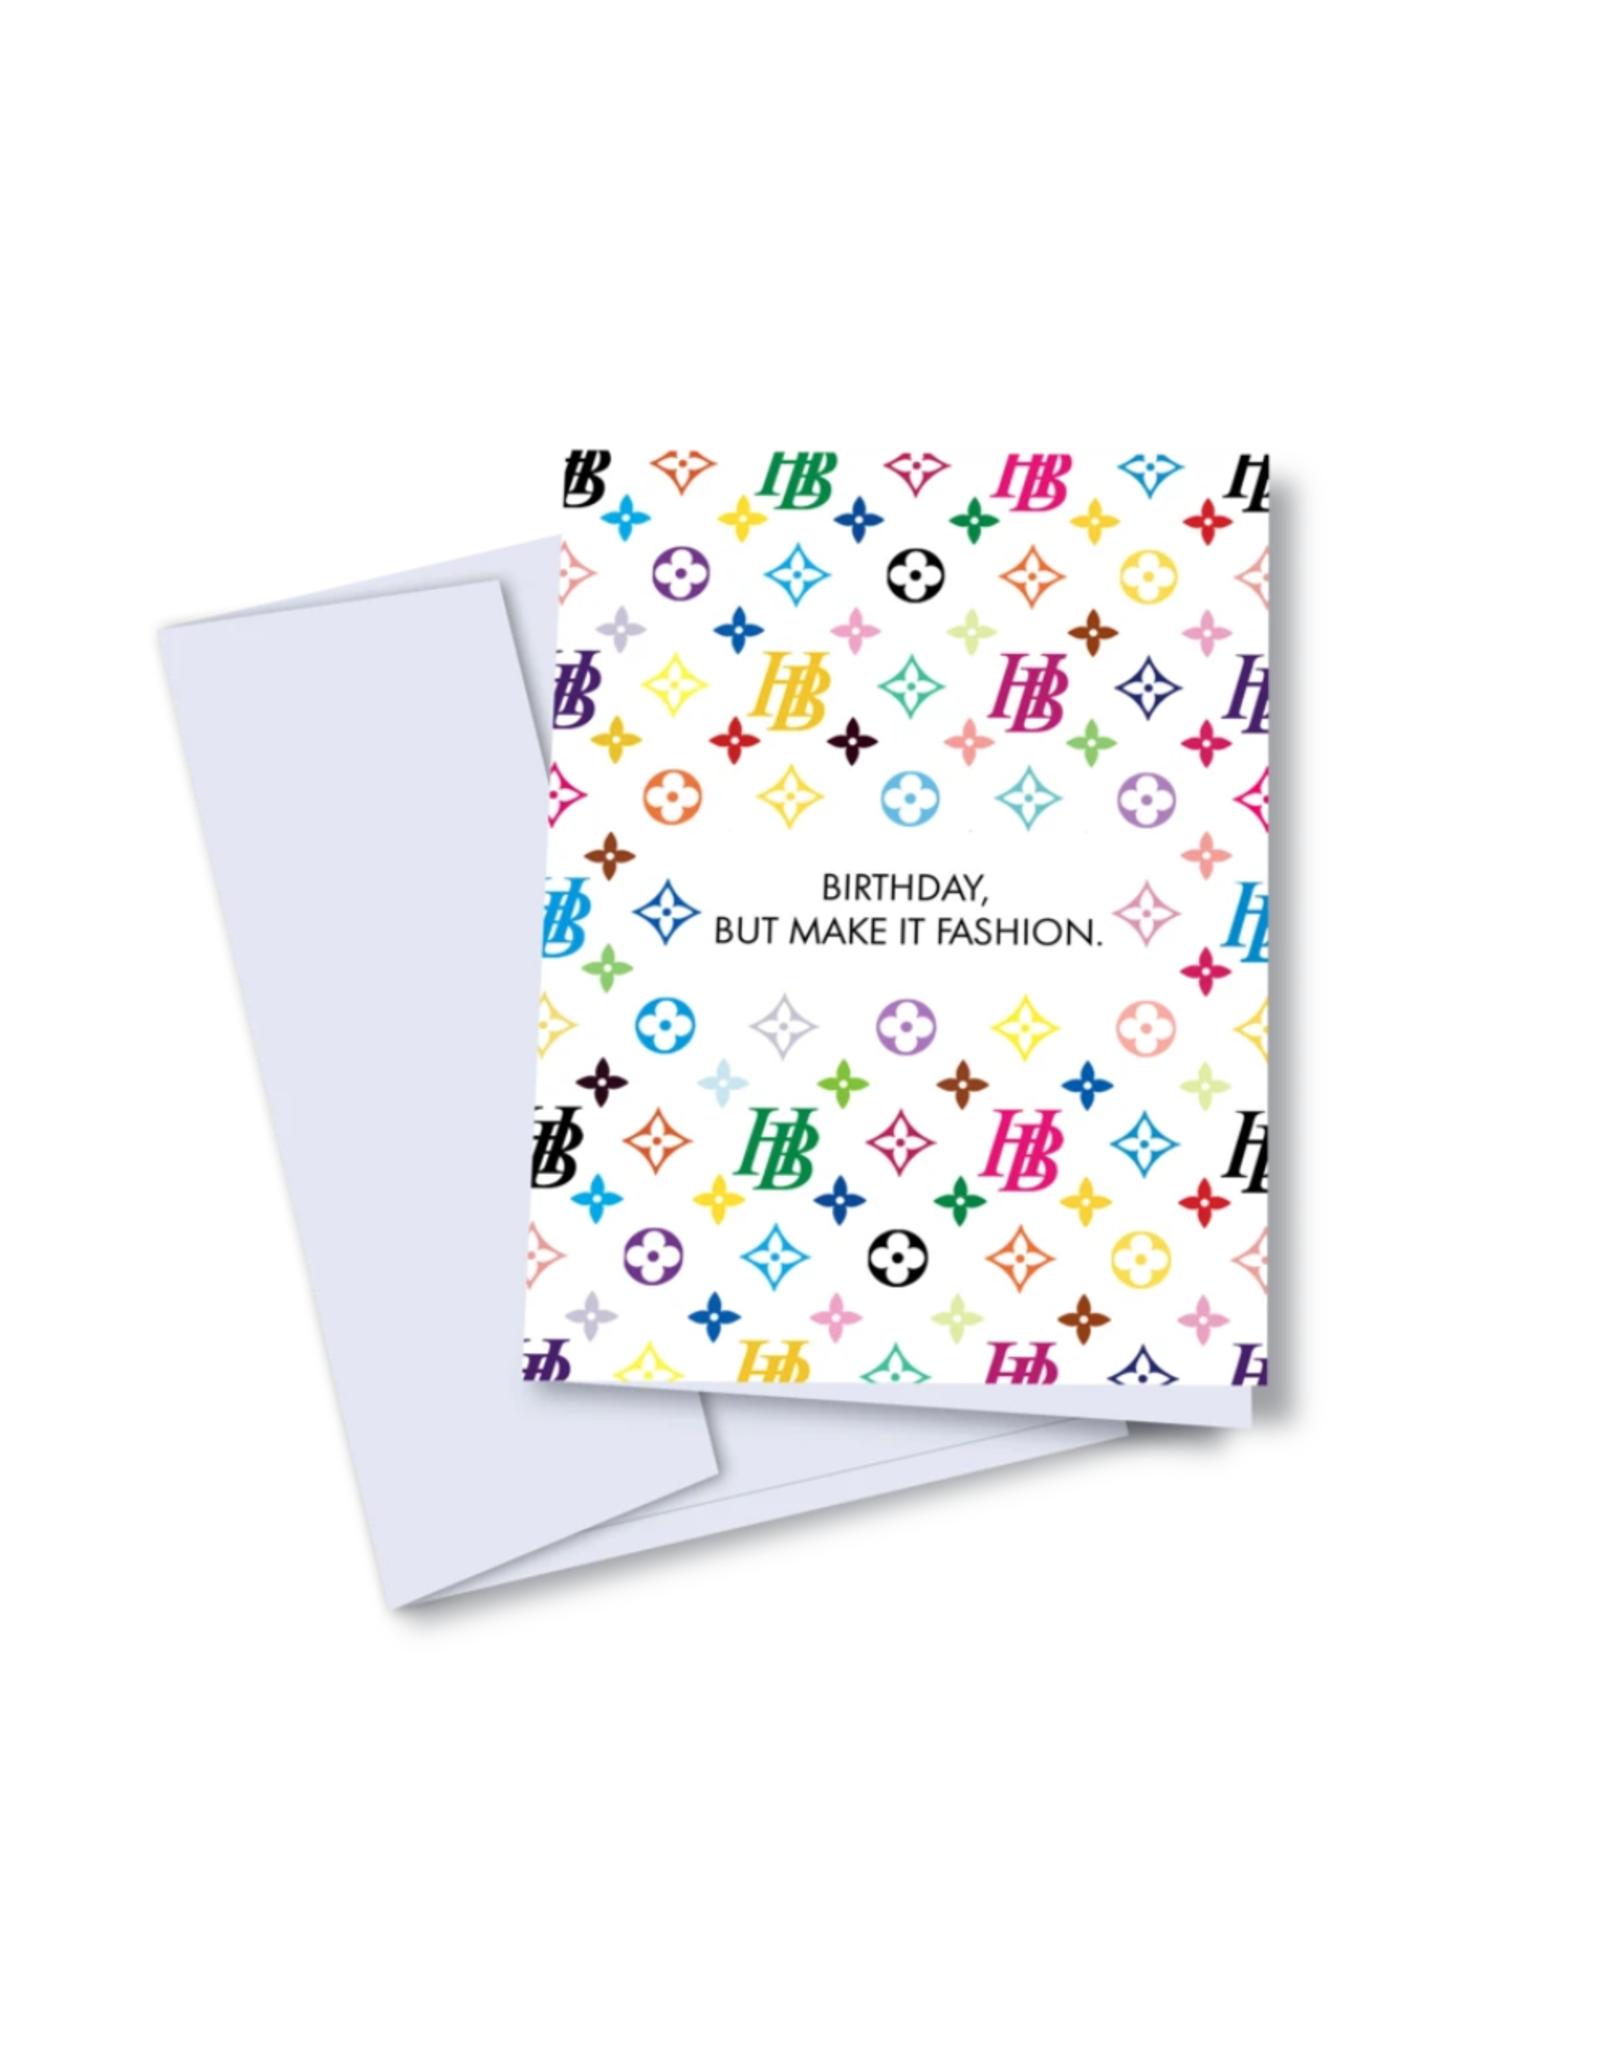 Card - Birthday: Make it Fashion